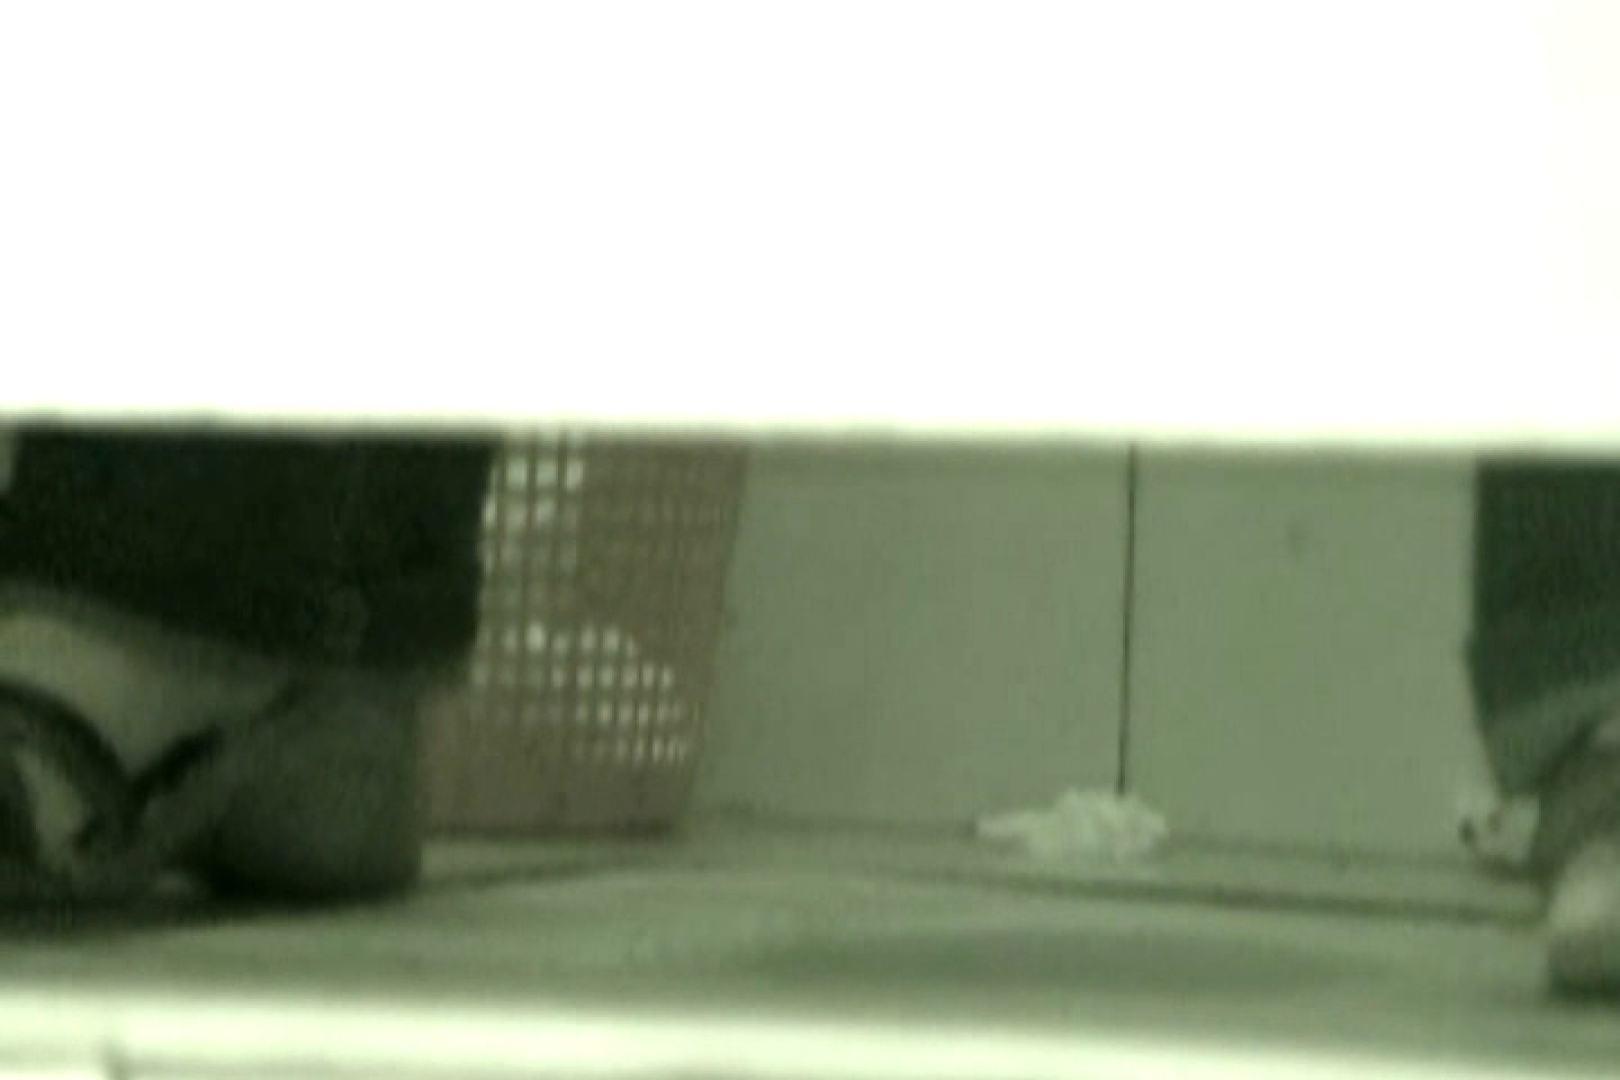 ぼっとん洗面所スペシャルVol.5 洗面所 盗み撮りAV無料動画キャプチャ 88PICs 53